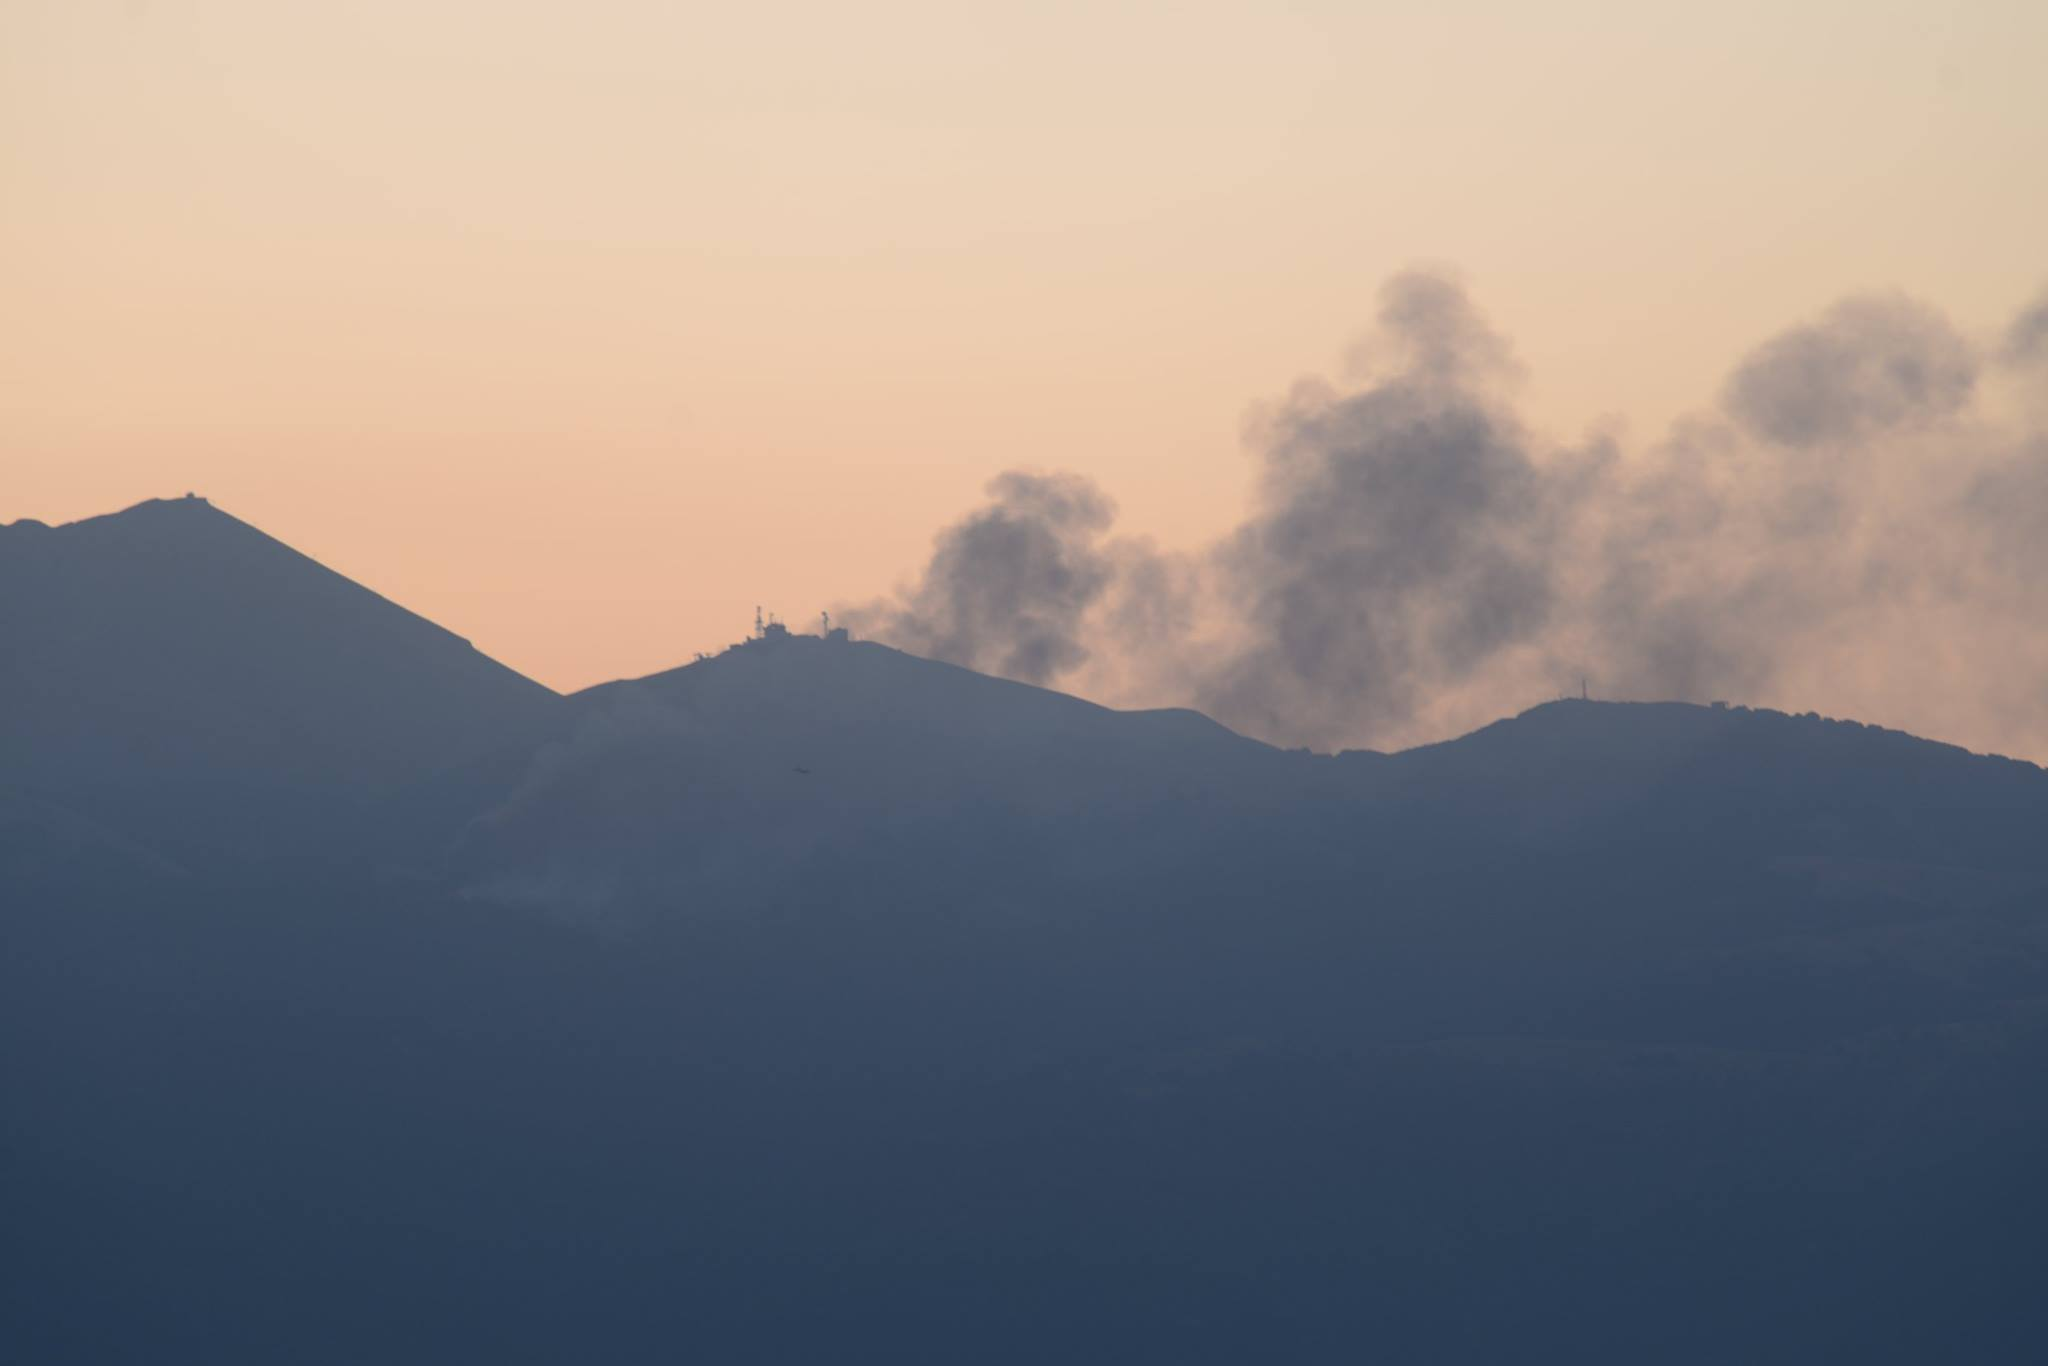 Incendi, rogo al Terminillo: evacuato campeggio tra i boschi